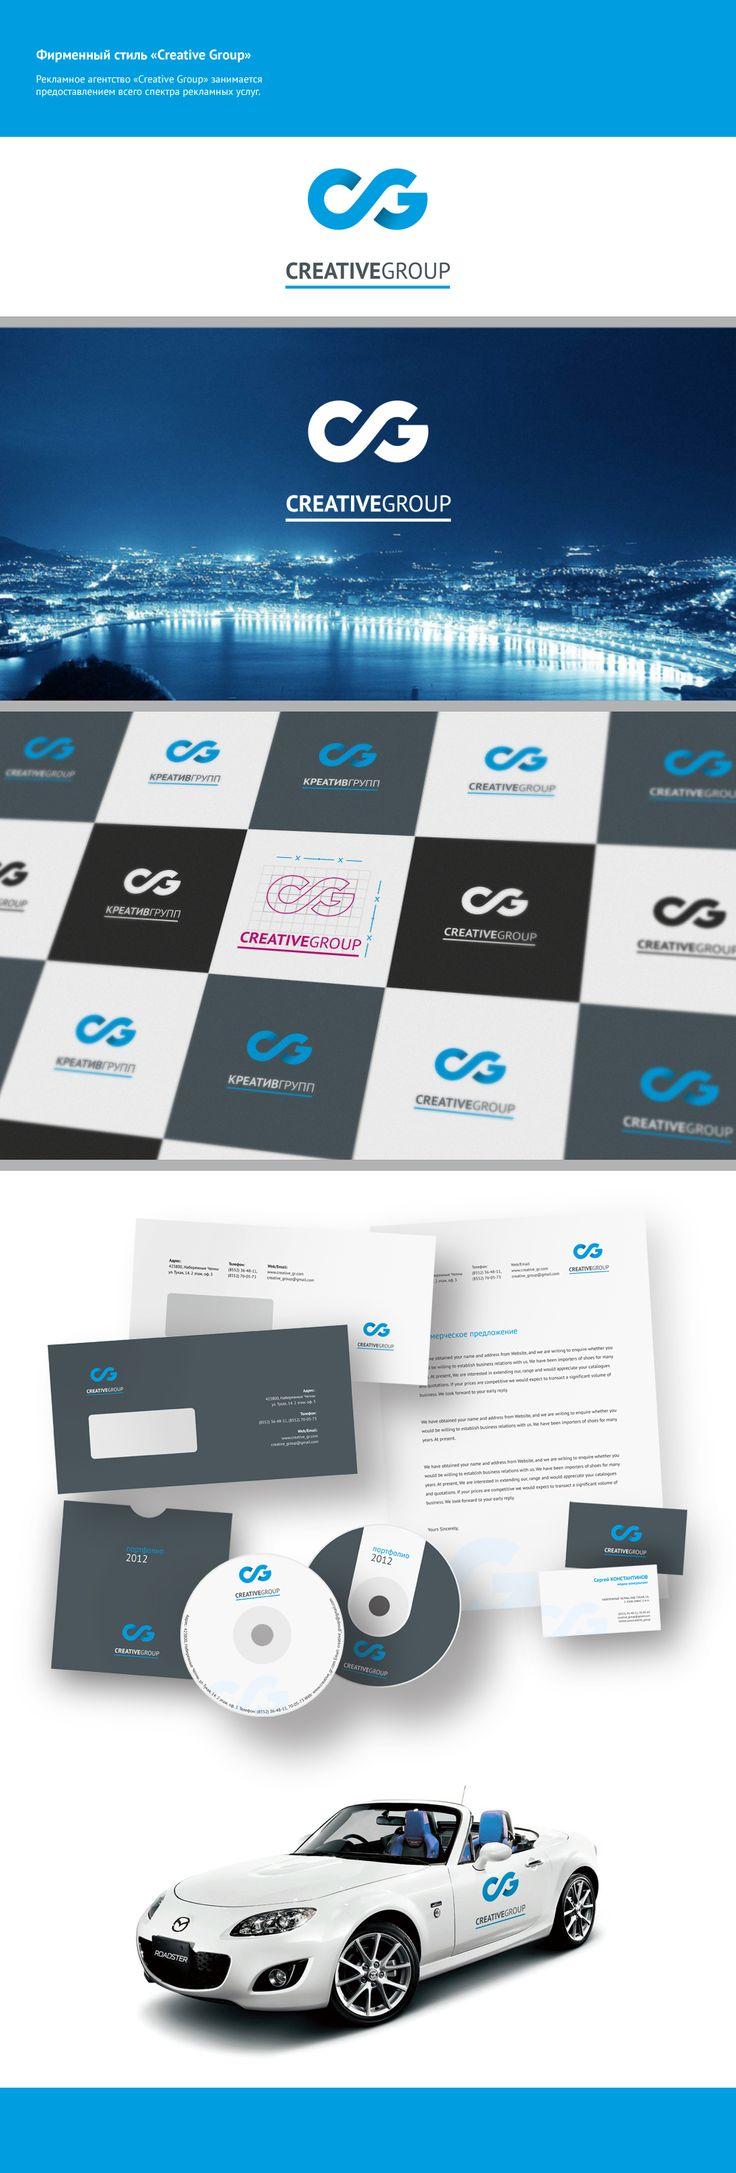 corporate identity / CreativeGroup repinned by www.BlickeDeeler.de